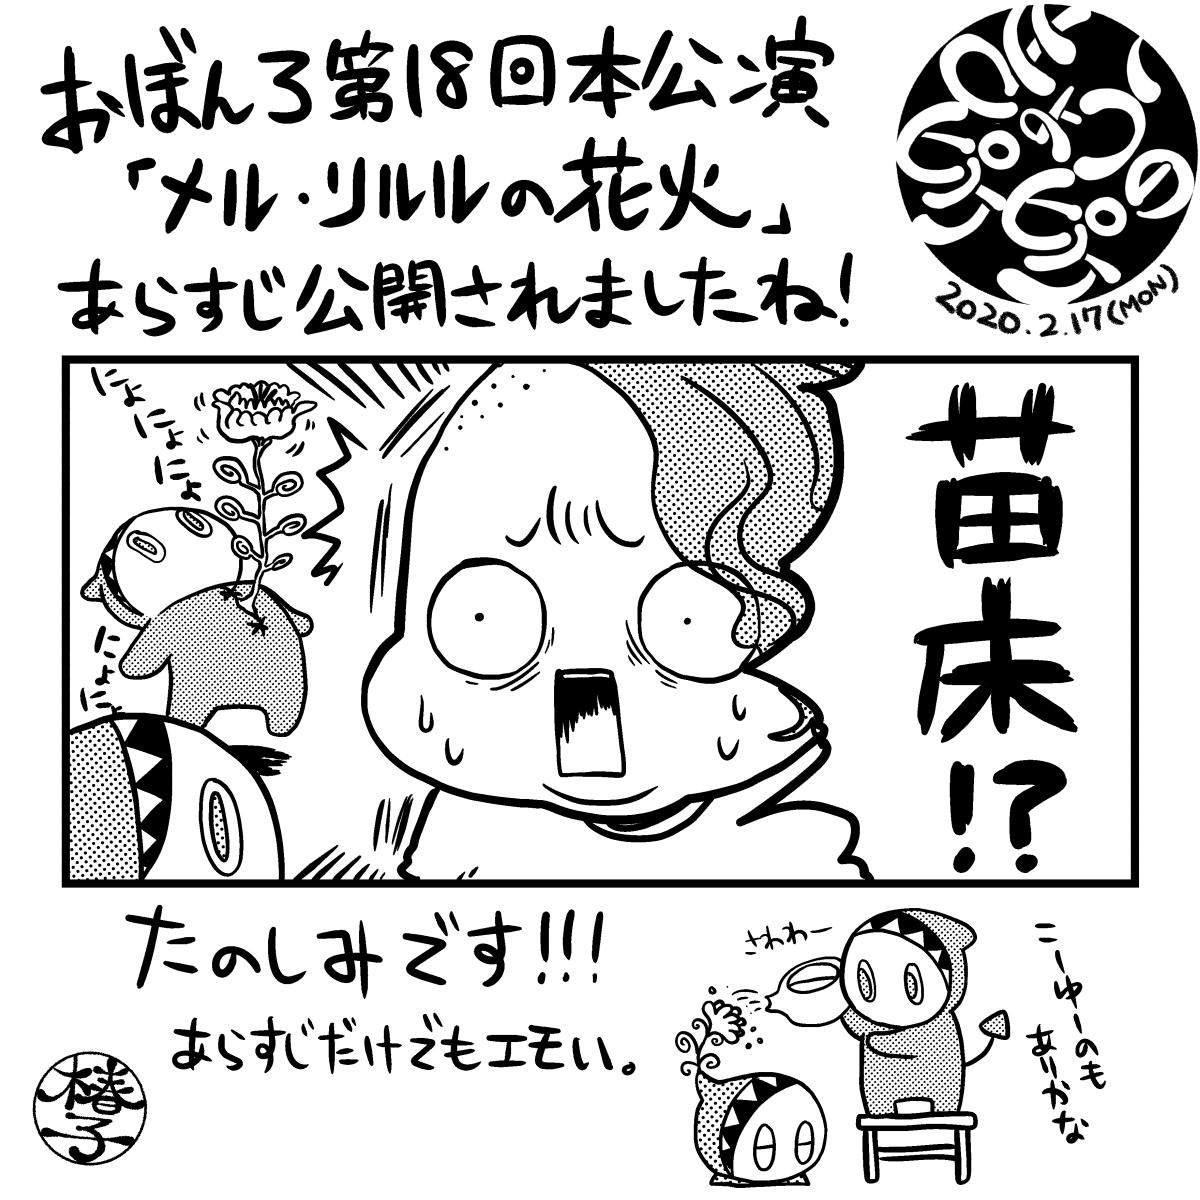 おぼんろ第18回本公演「メル・リルルの花火」